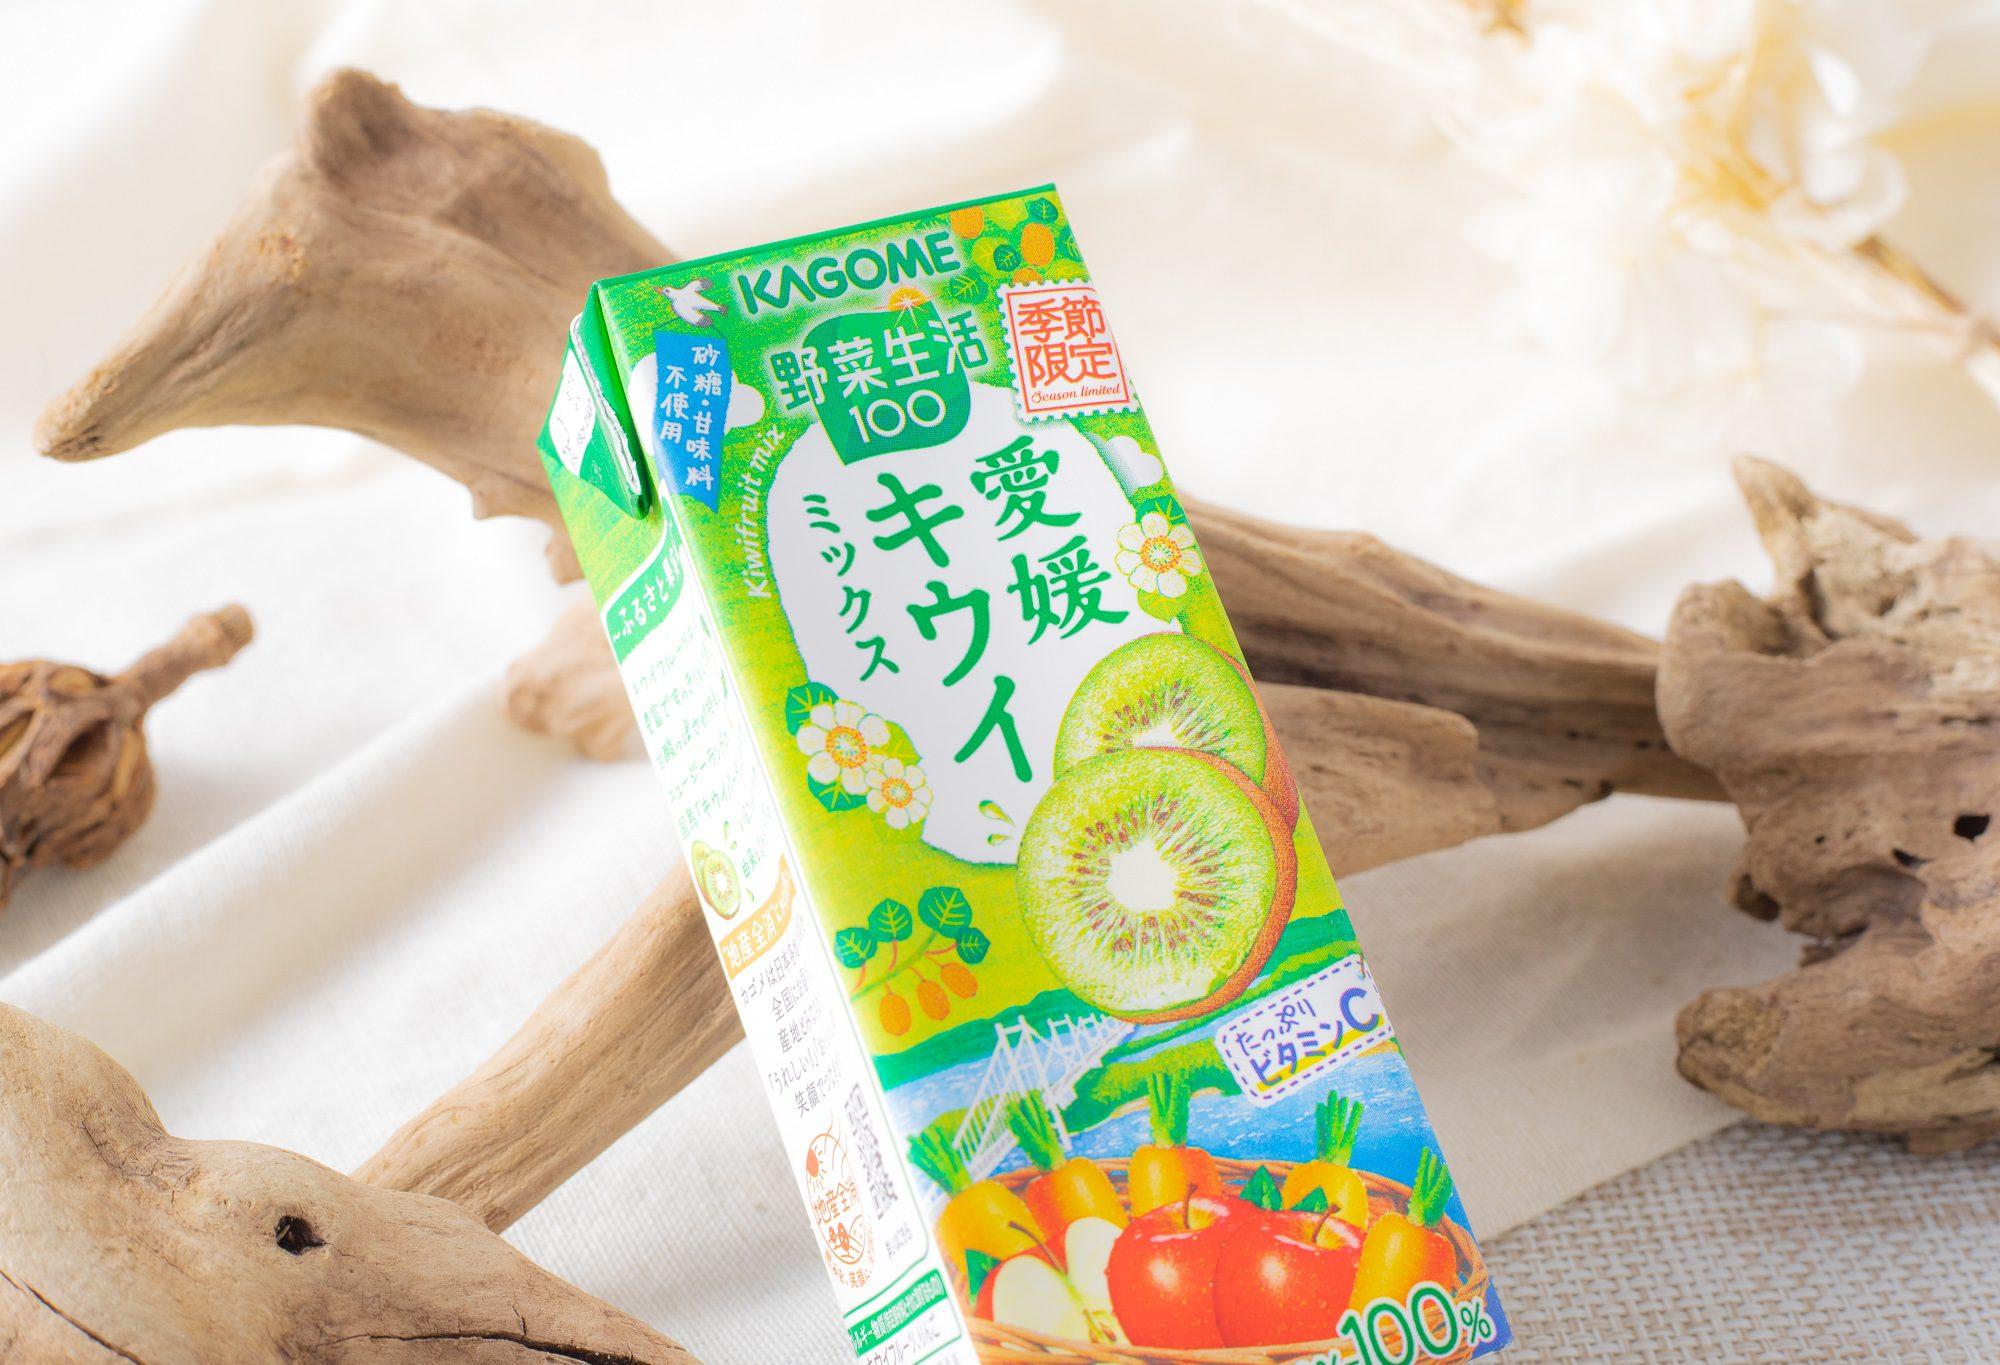 カゴメ『野菜生活100 愛媛キウイミックス』はキウイの存在感が光る爽やかな酸味の野菜・果物ミックスジュース!